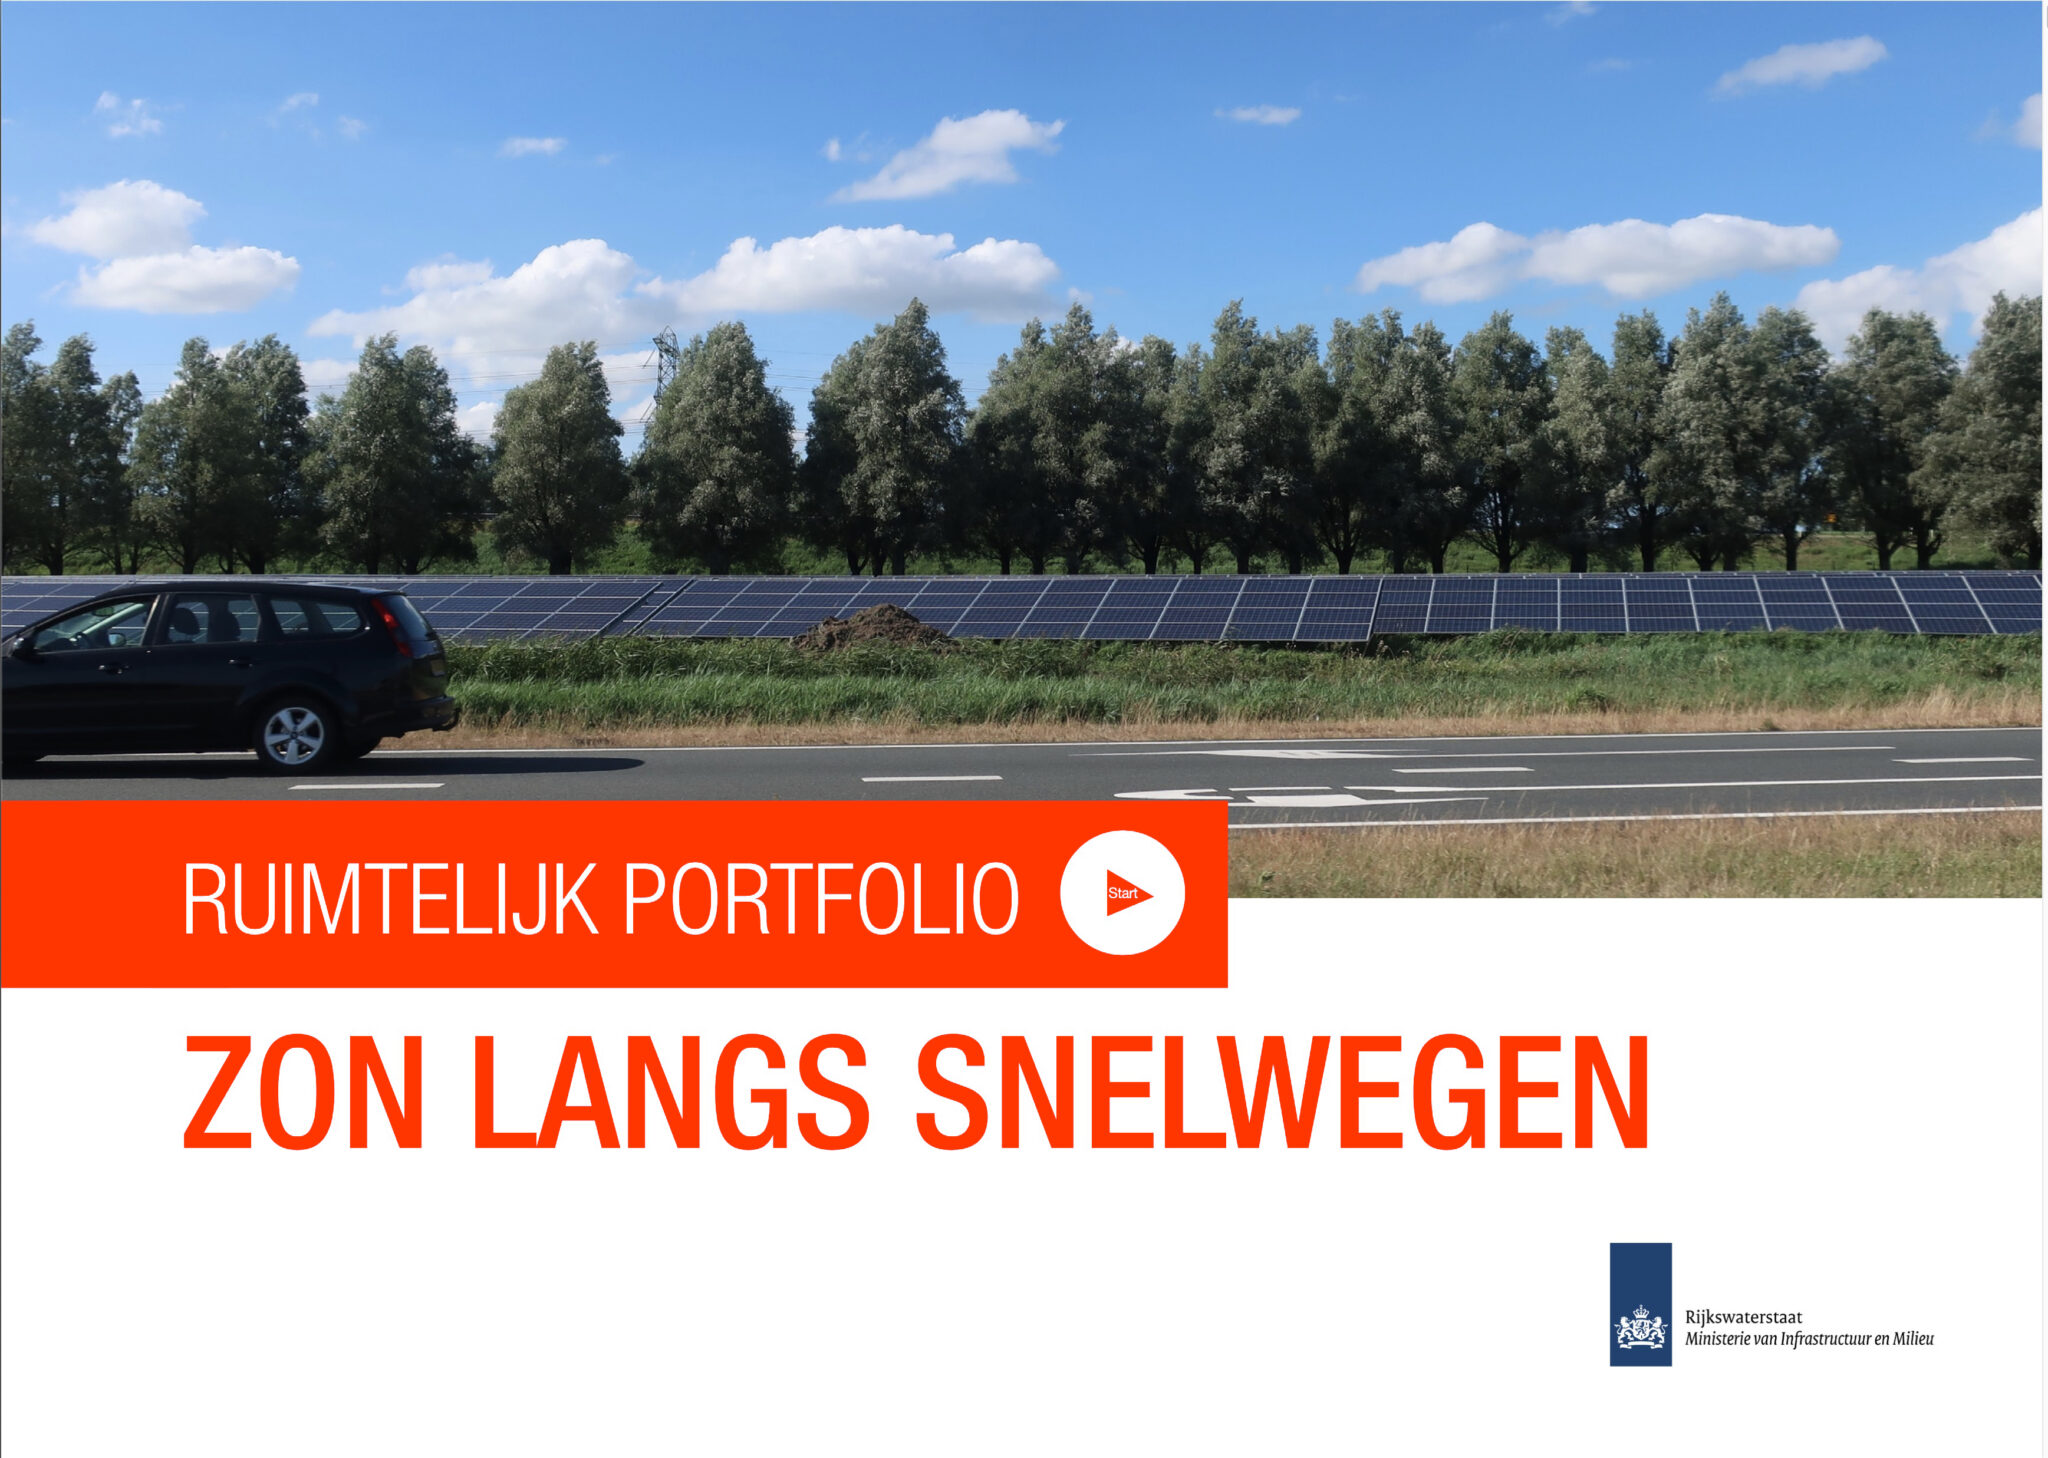 Header_5.2 Energietransitie, Ruimtelijk portfolio langs Snelwegen_beeld 1, projectenpagina_Kleur rood